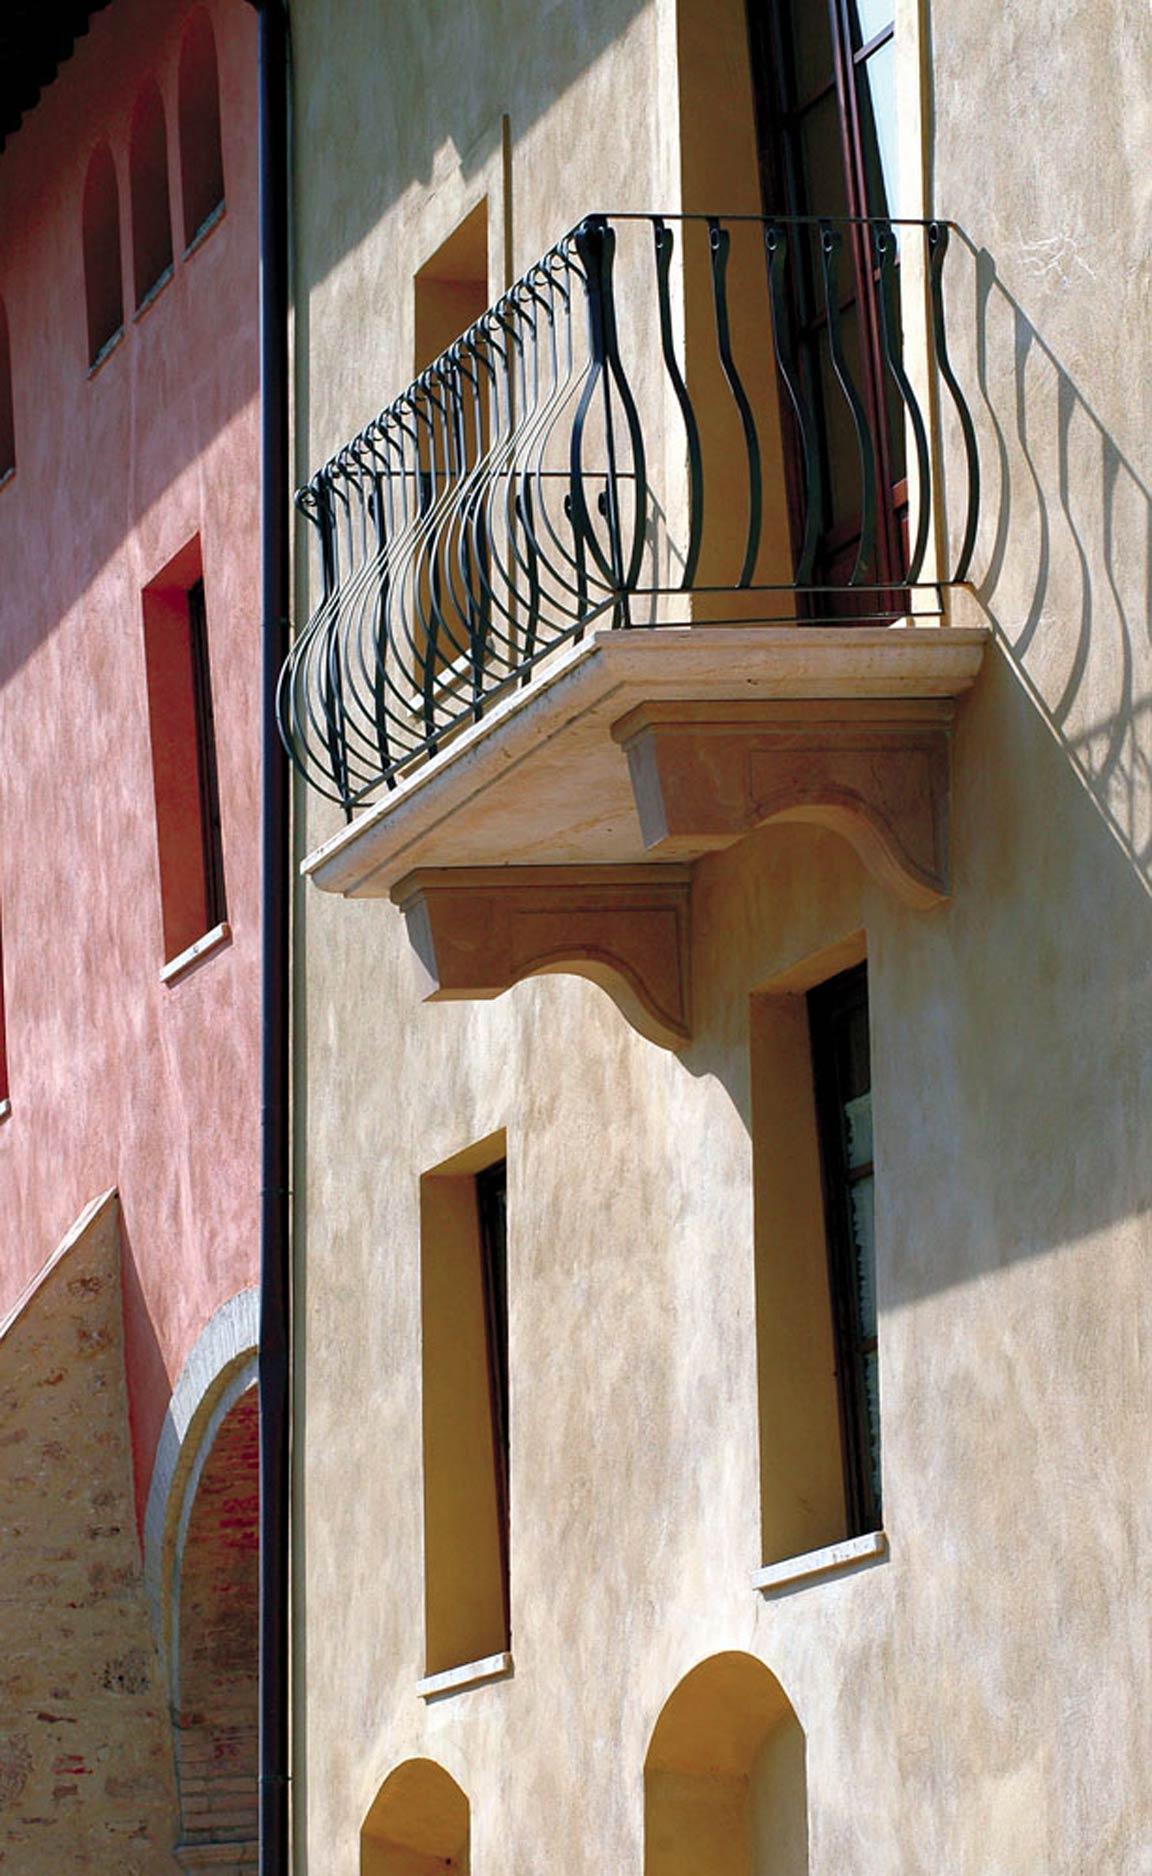 Pitture e vernici per esterni san marco sikkens aldo verdi for San marco vernici